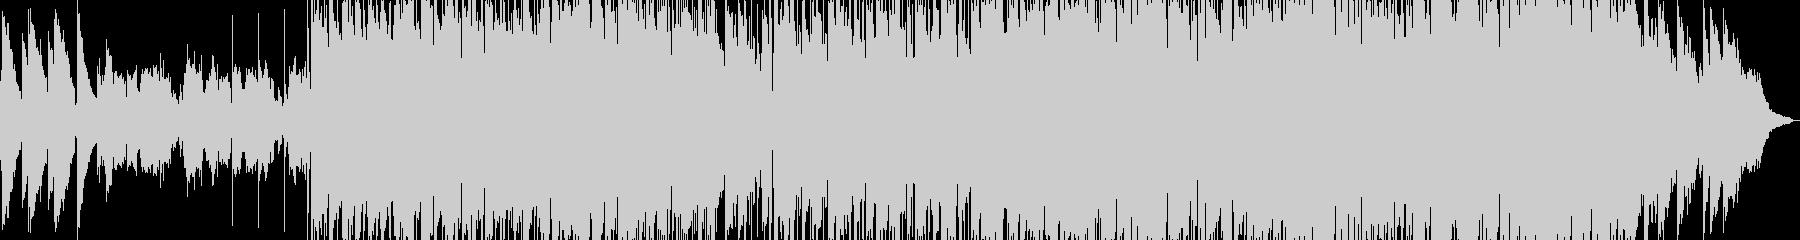 80年代風のJpopバラードの未再生の波形